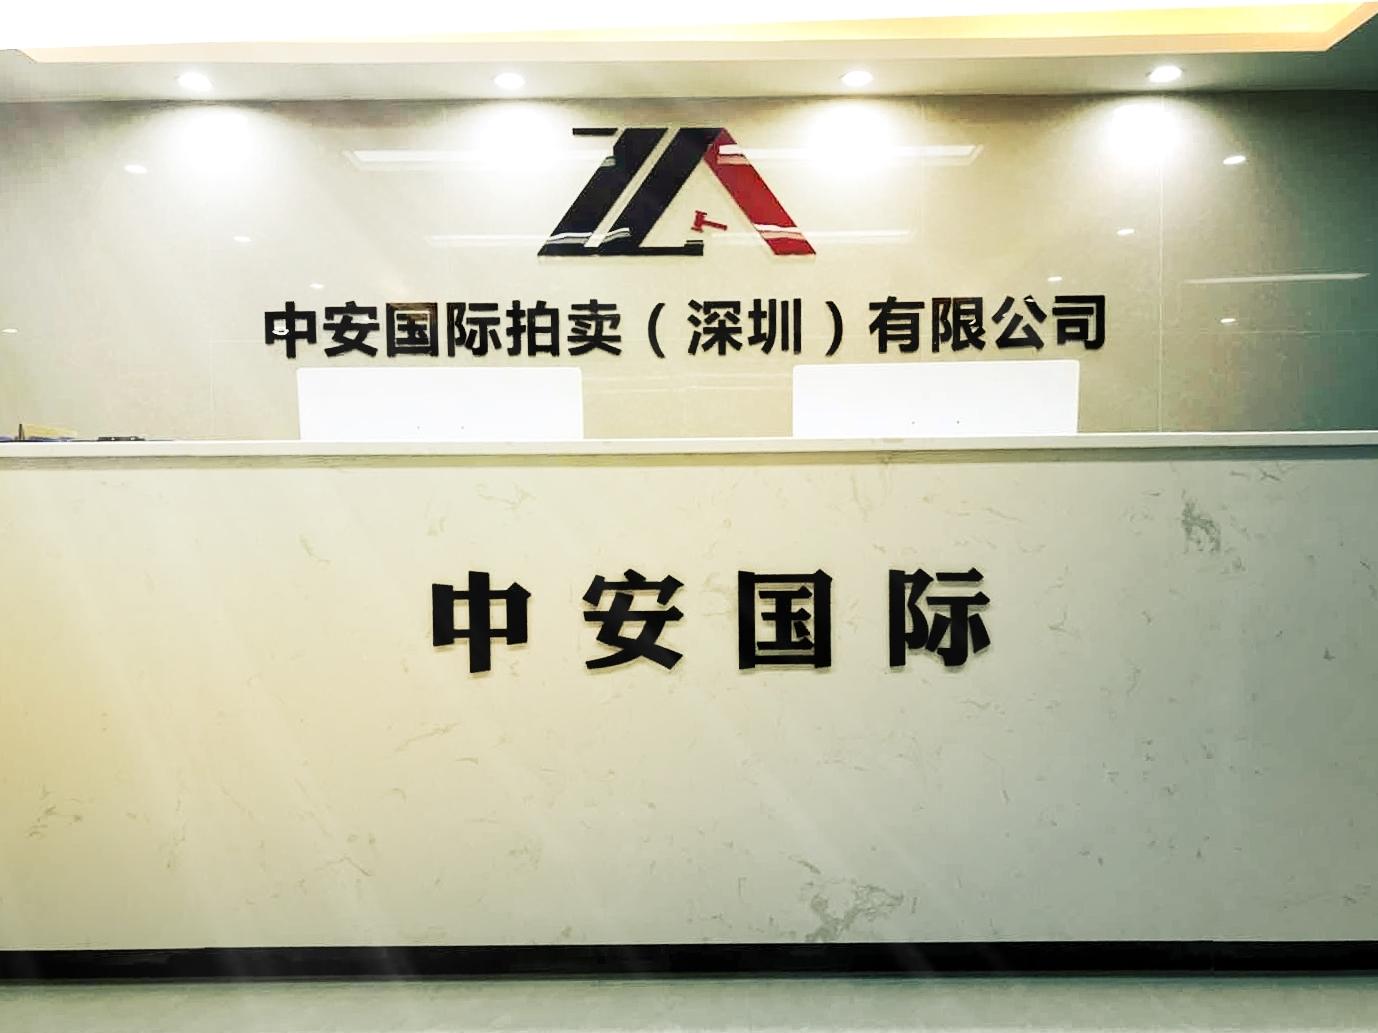 深圳龍華新區大浪華繁路110號嘉安達大廈25樓